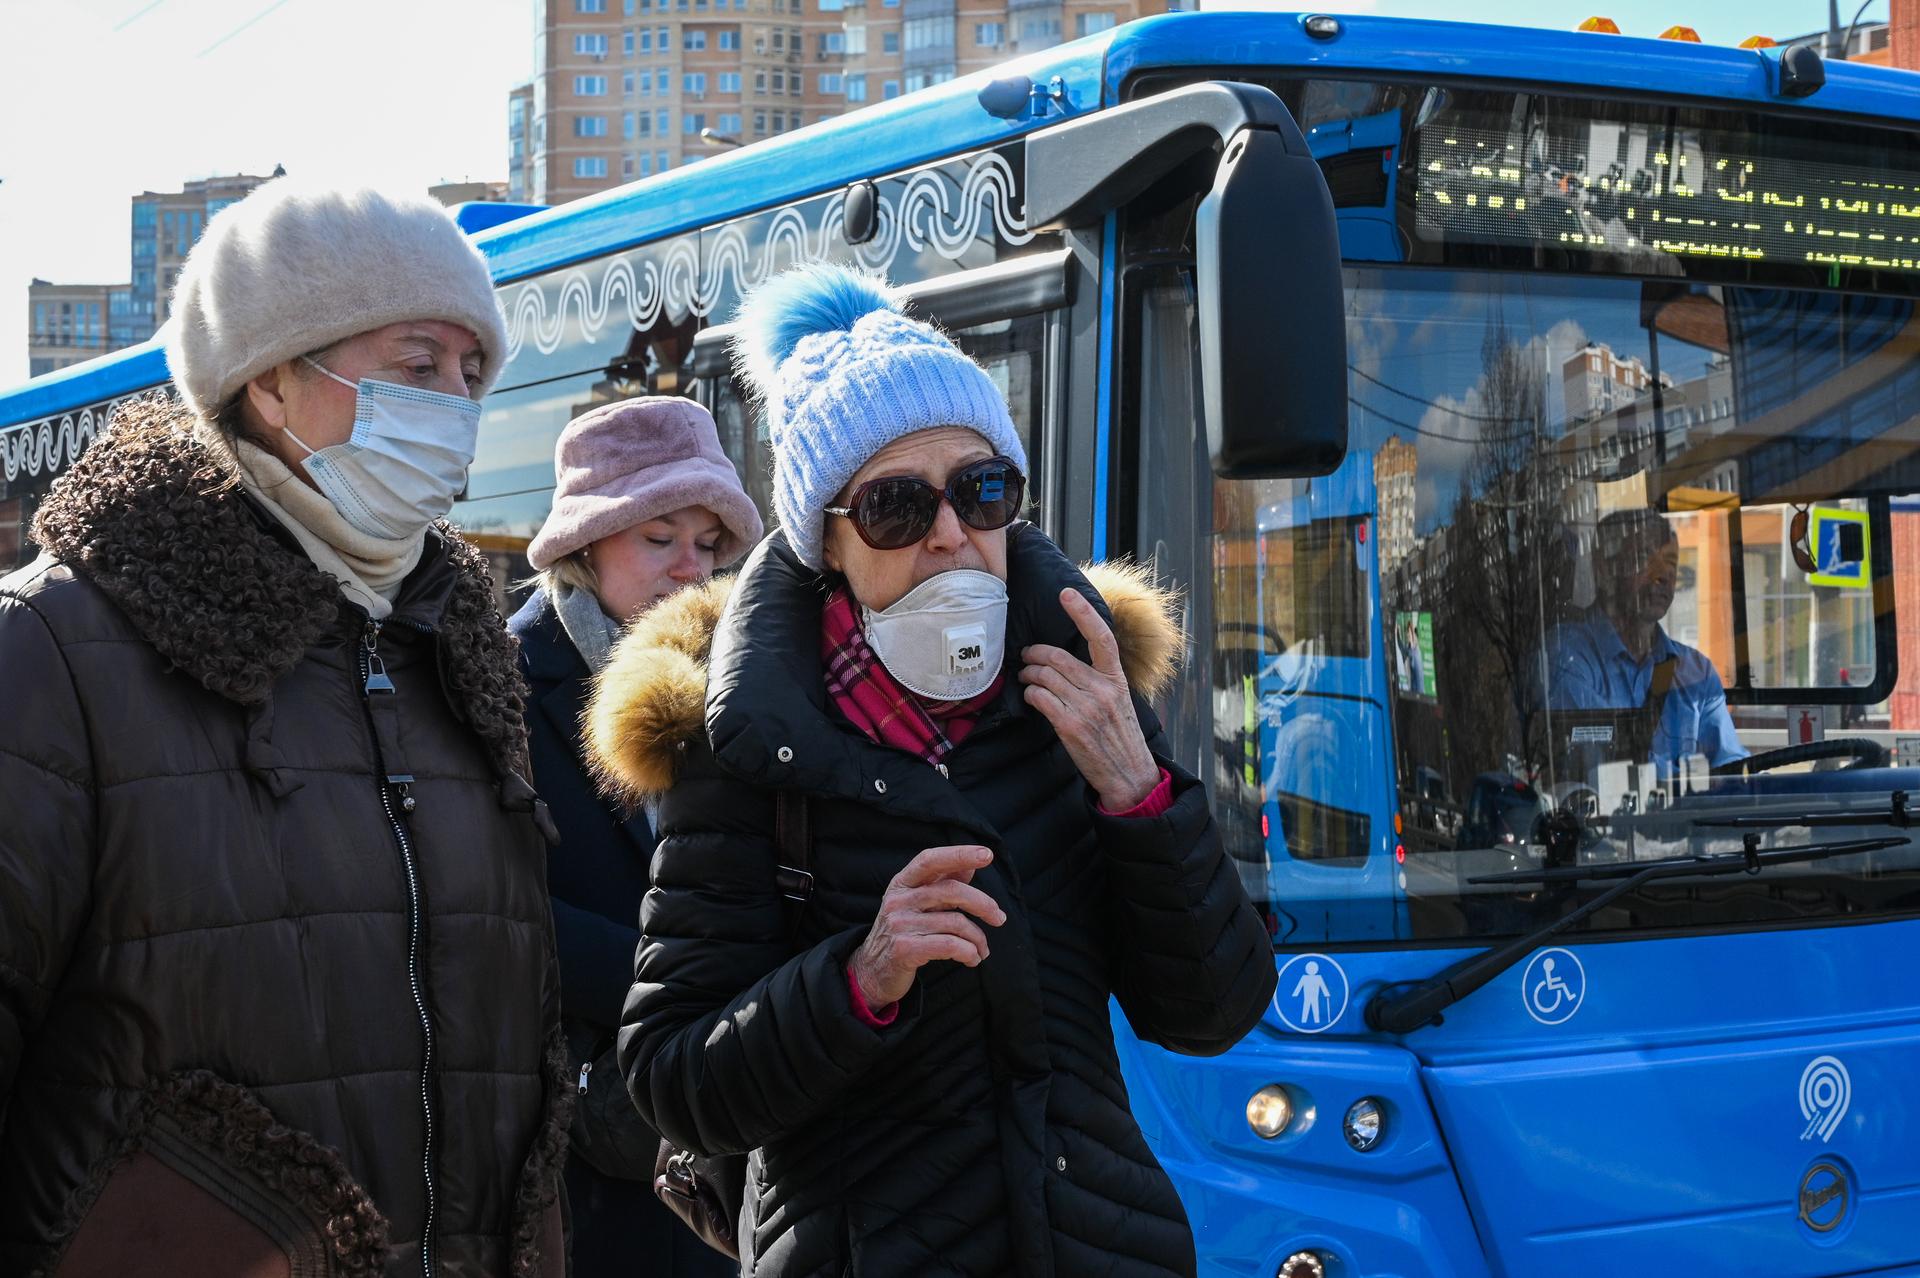 «Вирус не отступил»: Мишустин призвал не допустить ухудшения эпидемиологической обстановки в России1